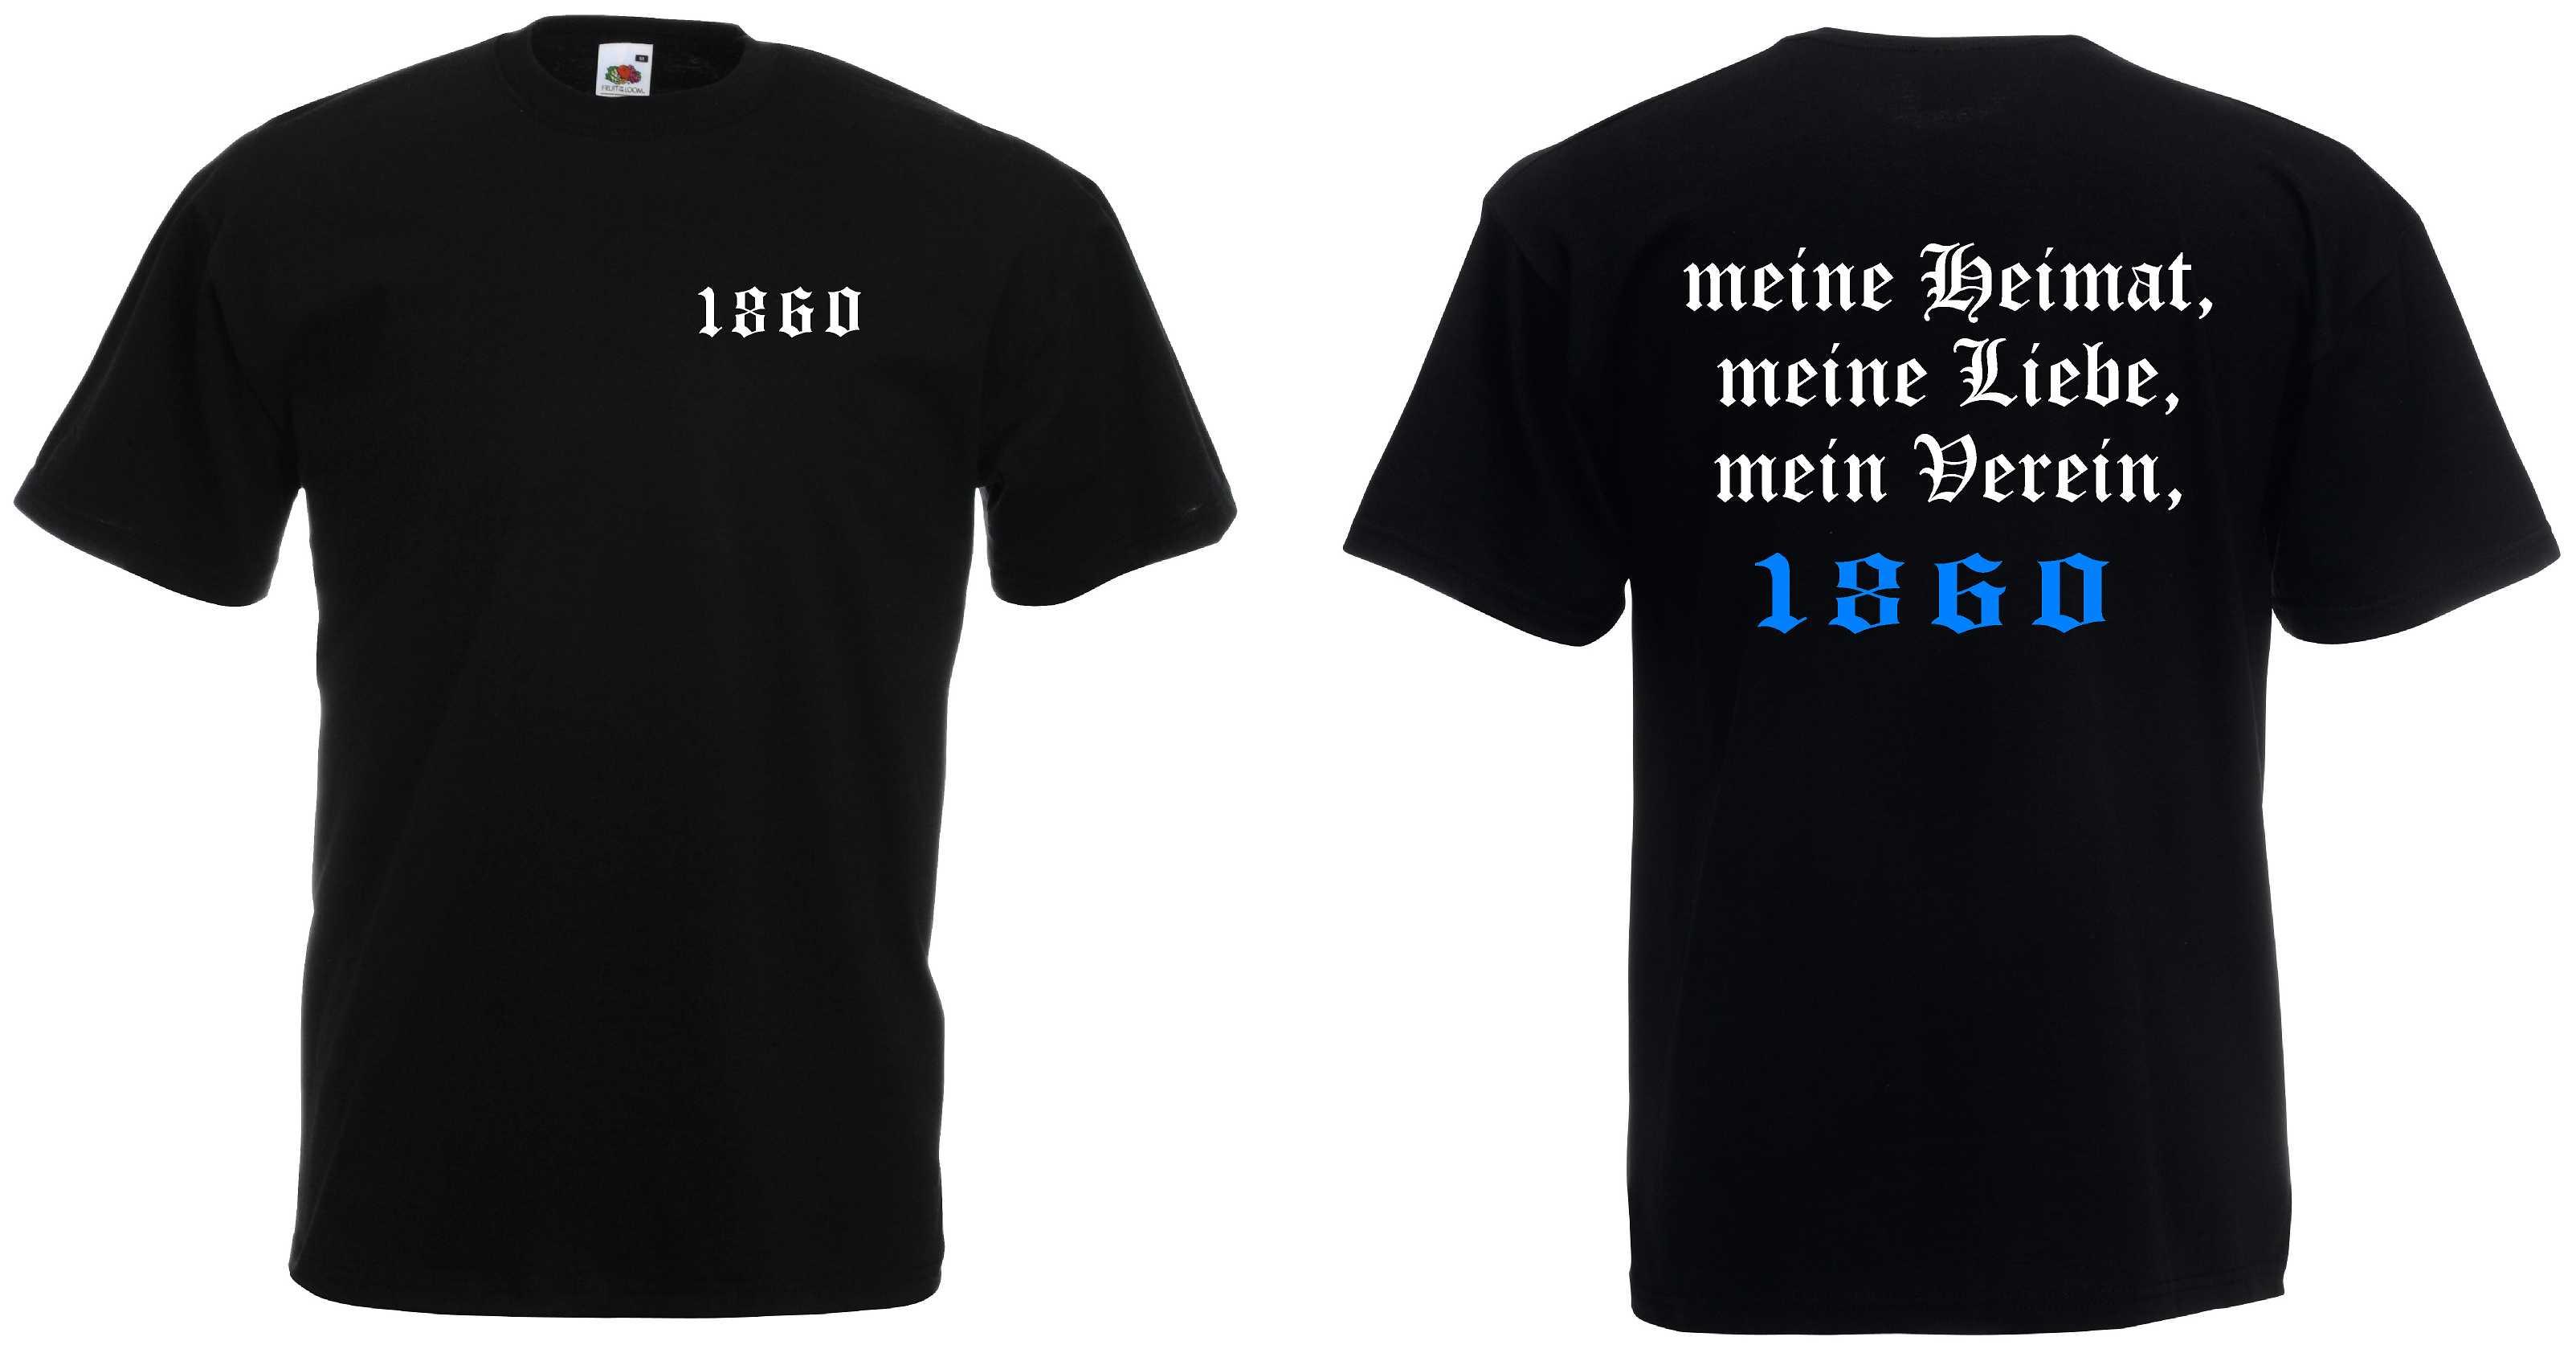 1860 Meine Heimat Mein Verein Ultras T Shirt Ebay